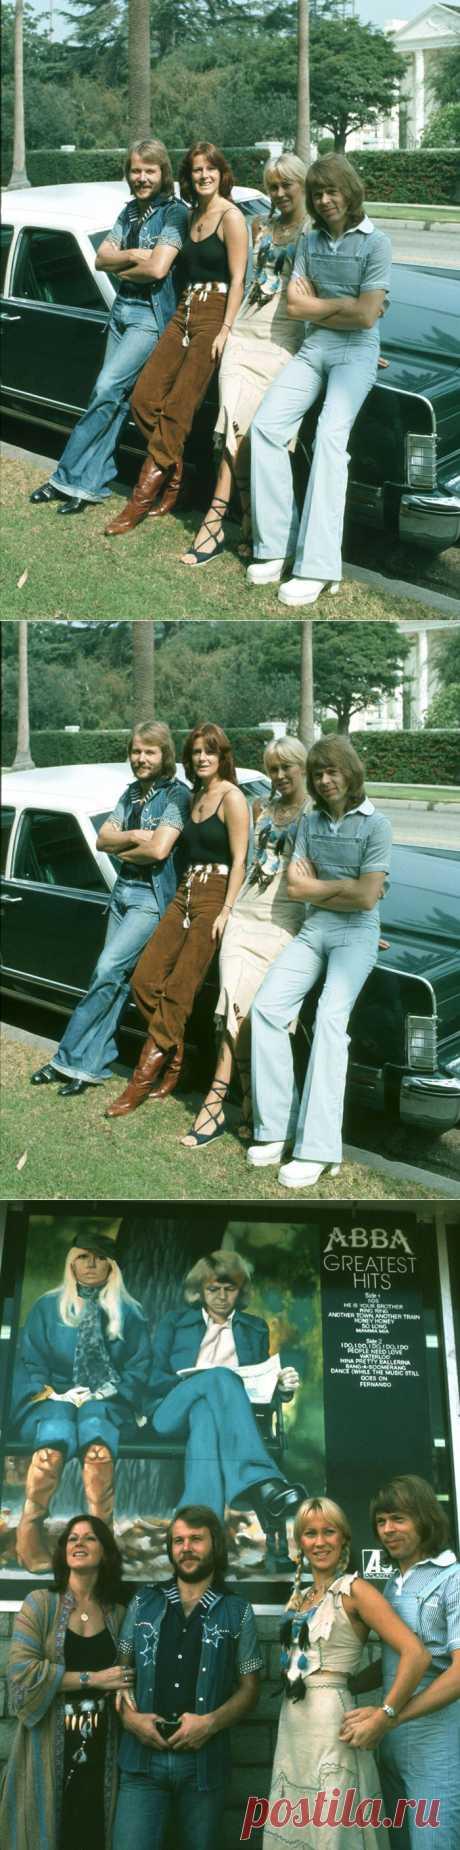 АББА (ABBA) – Фотосессия в Лос-Анджелесе (1976) | Starer - Фотосессии знаменитостей